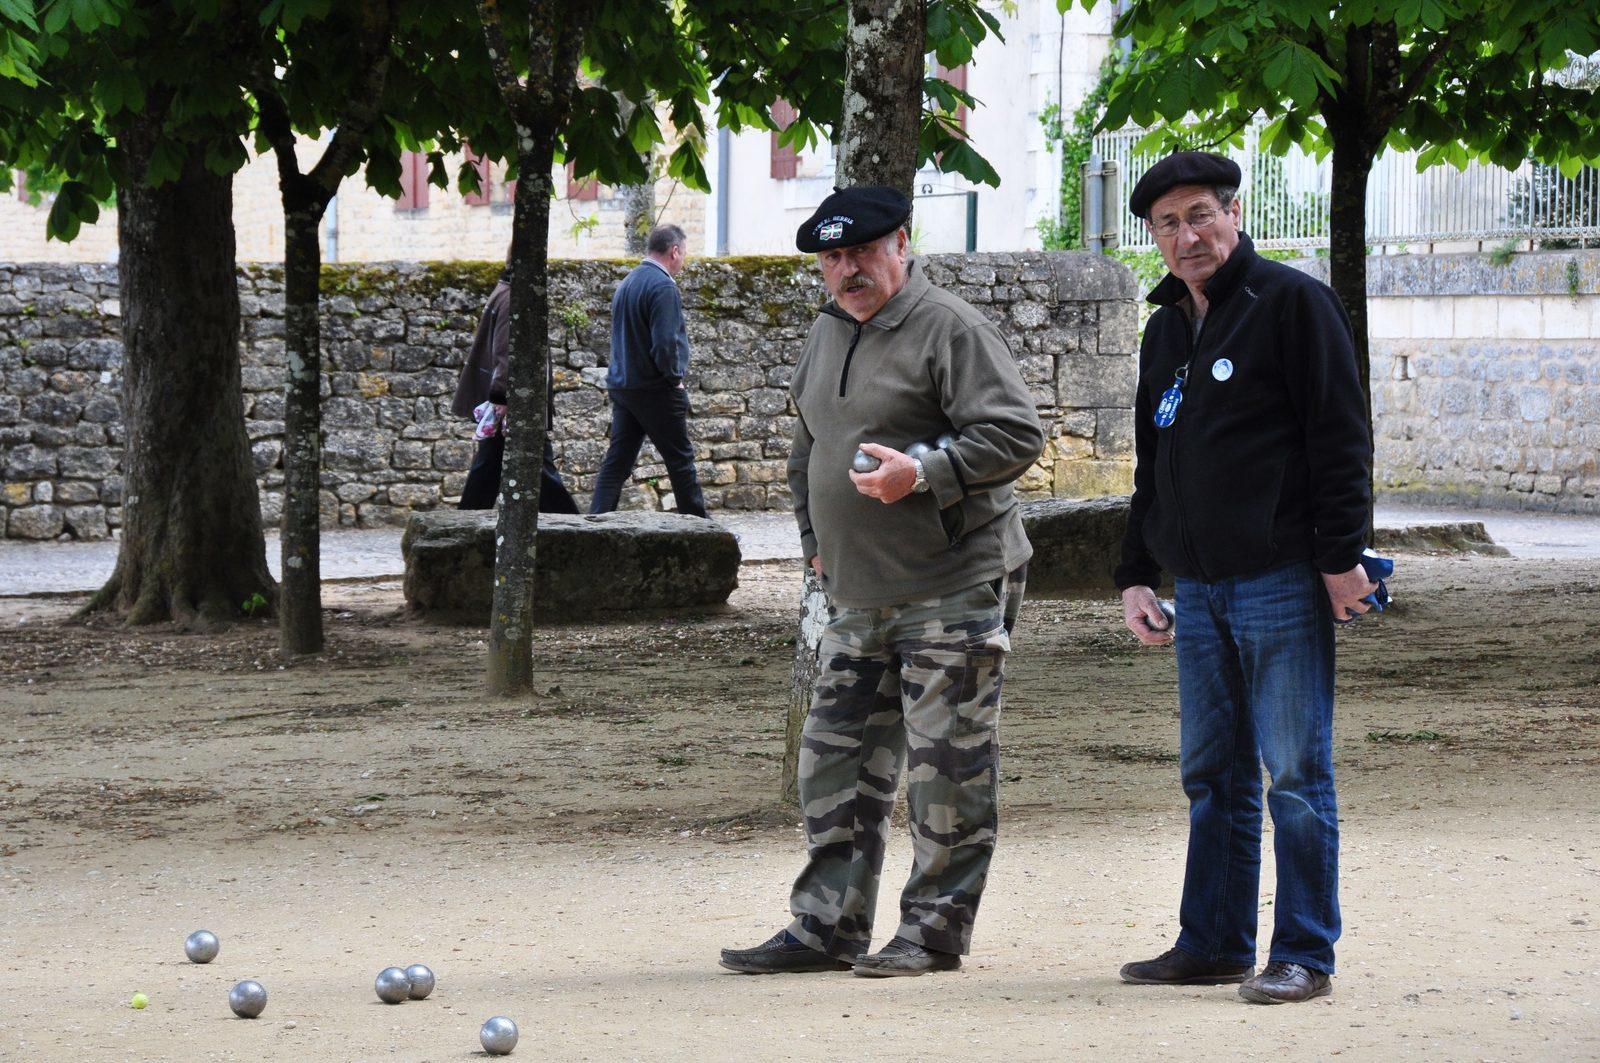 Frankrijk, vakantie, vakantiehuis, dorpjes, jeu de boules, genieten, Dordogne